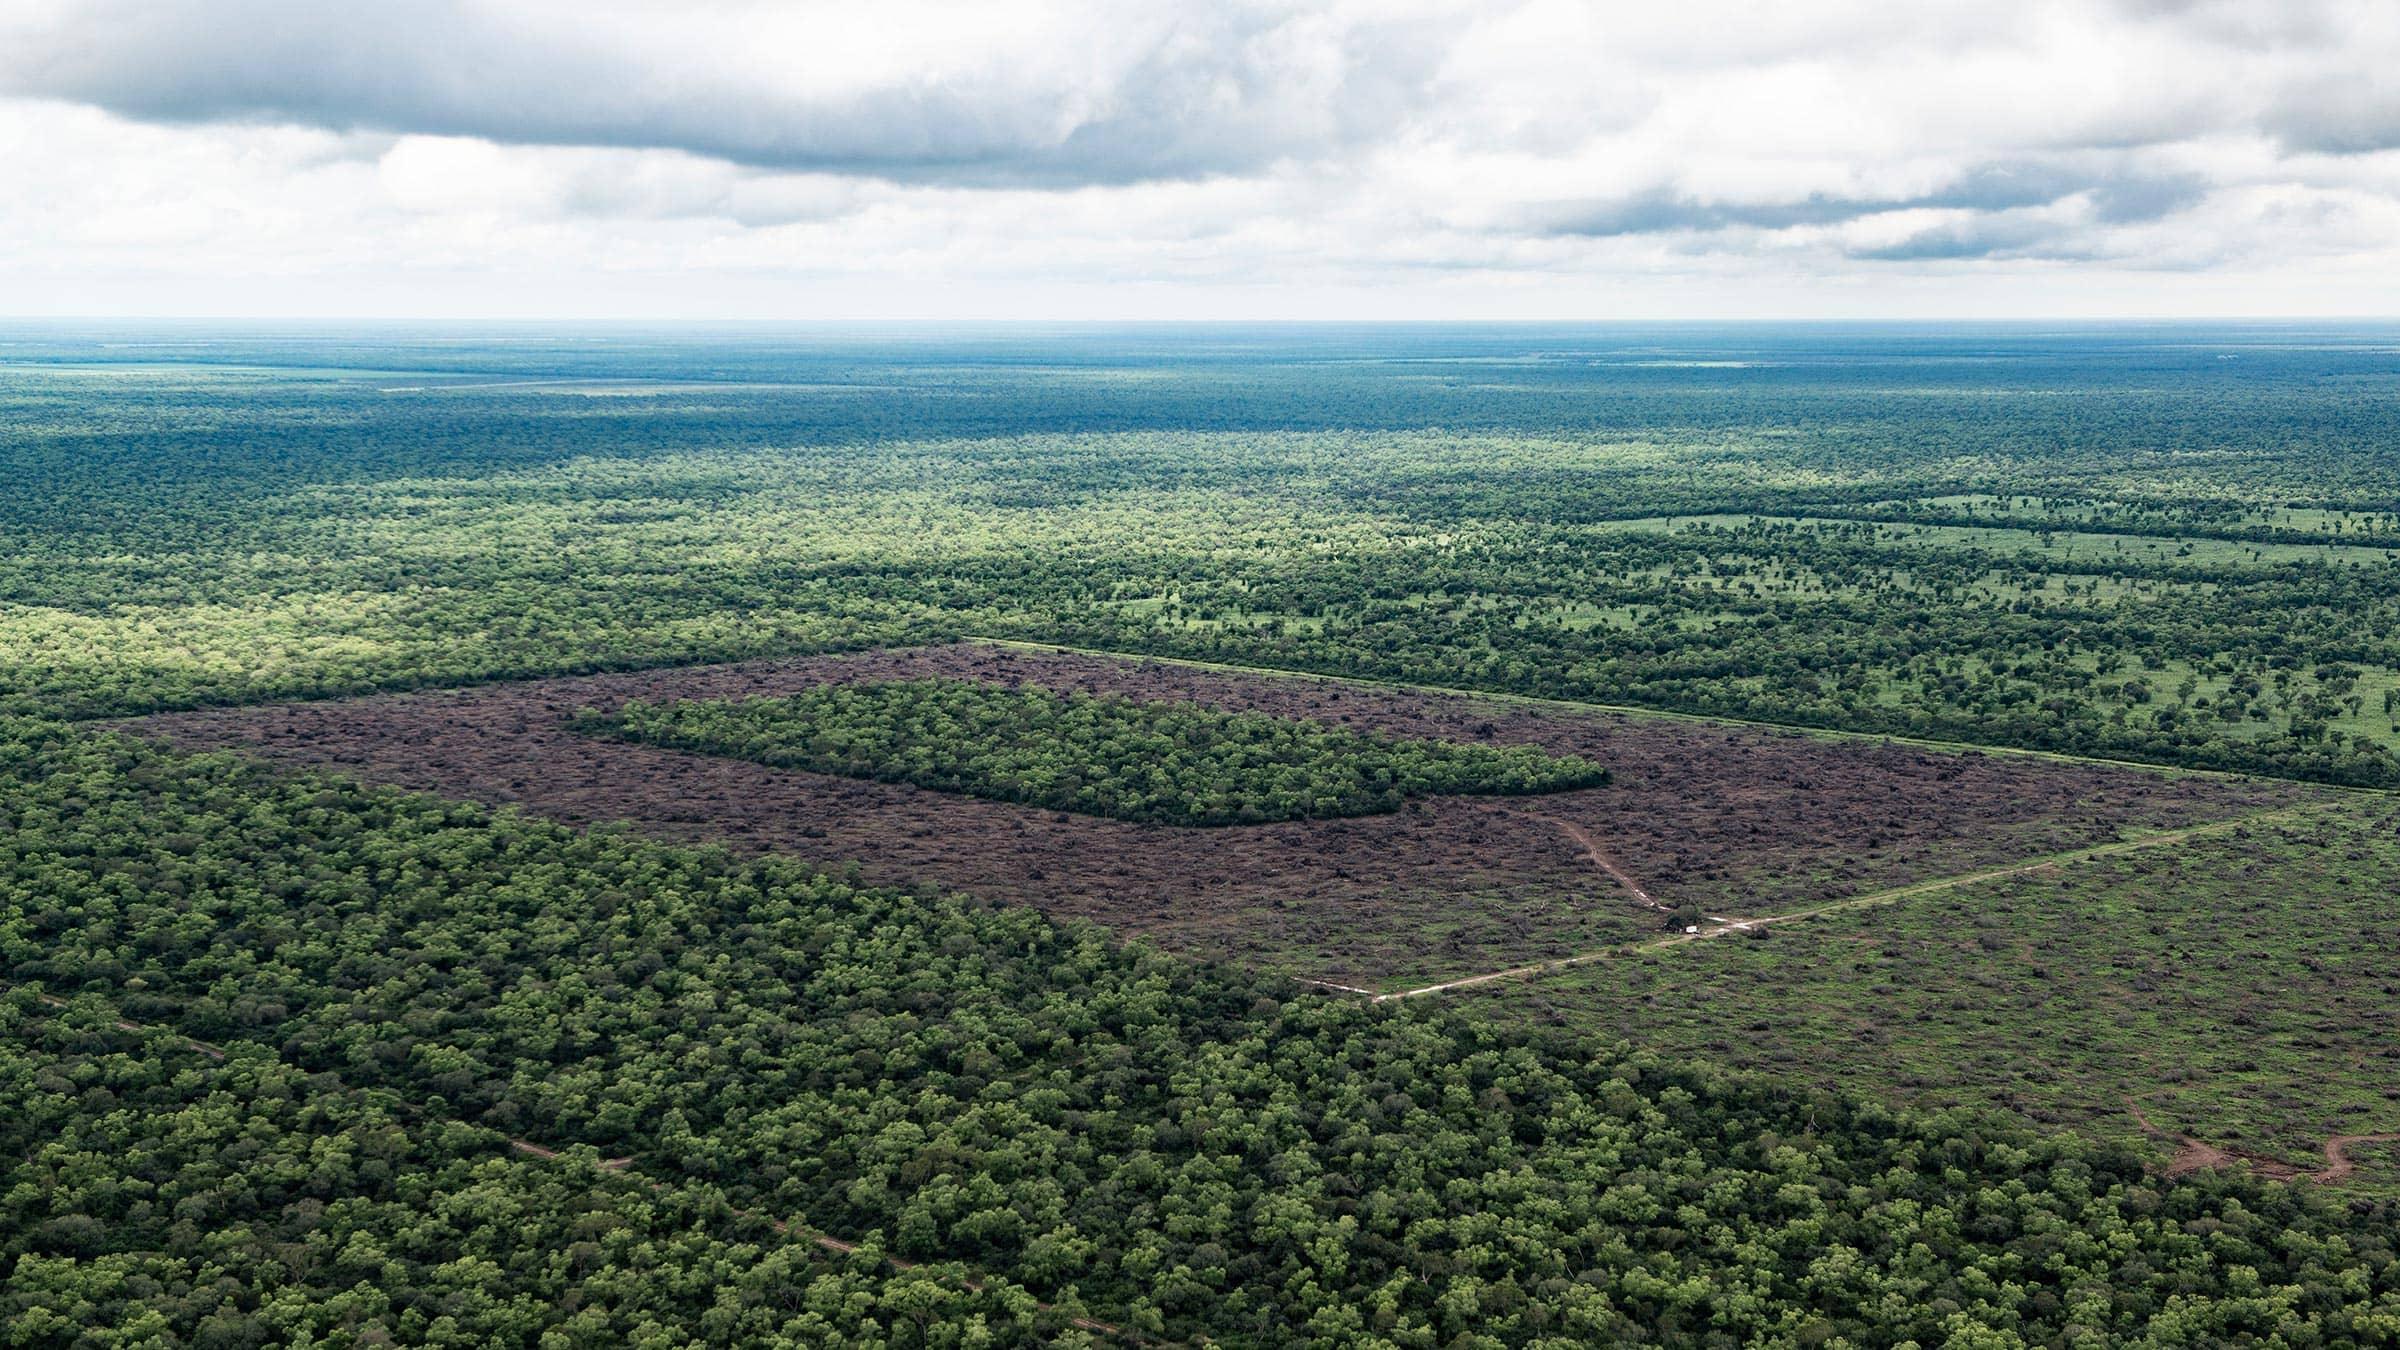 Deforested landscape